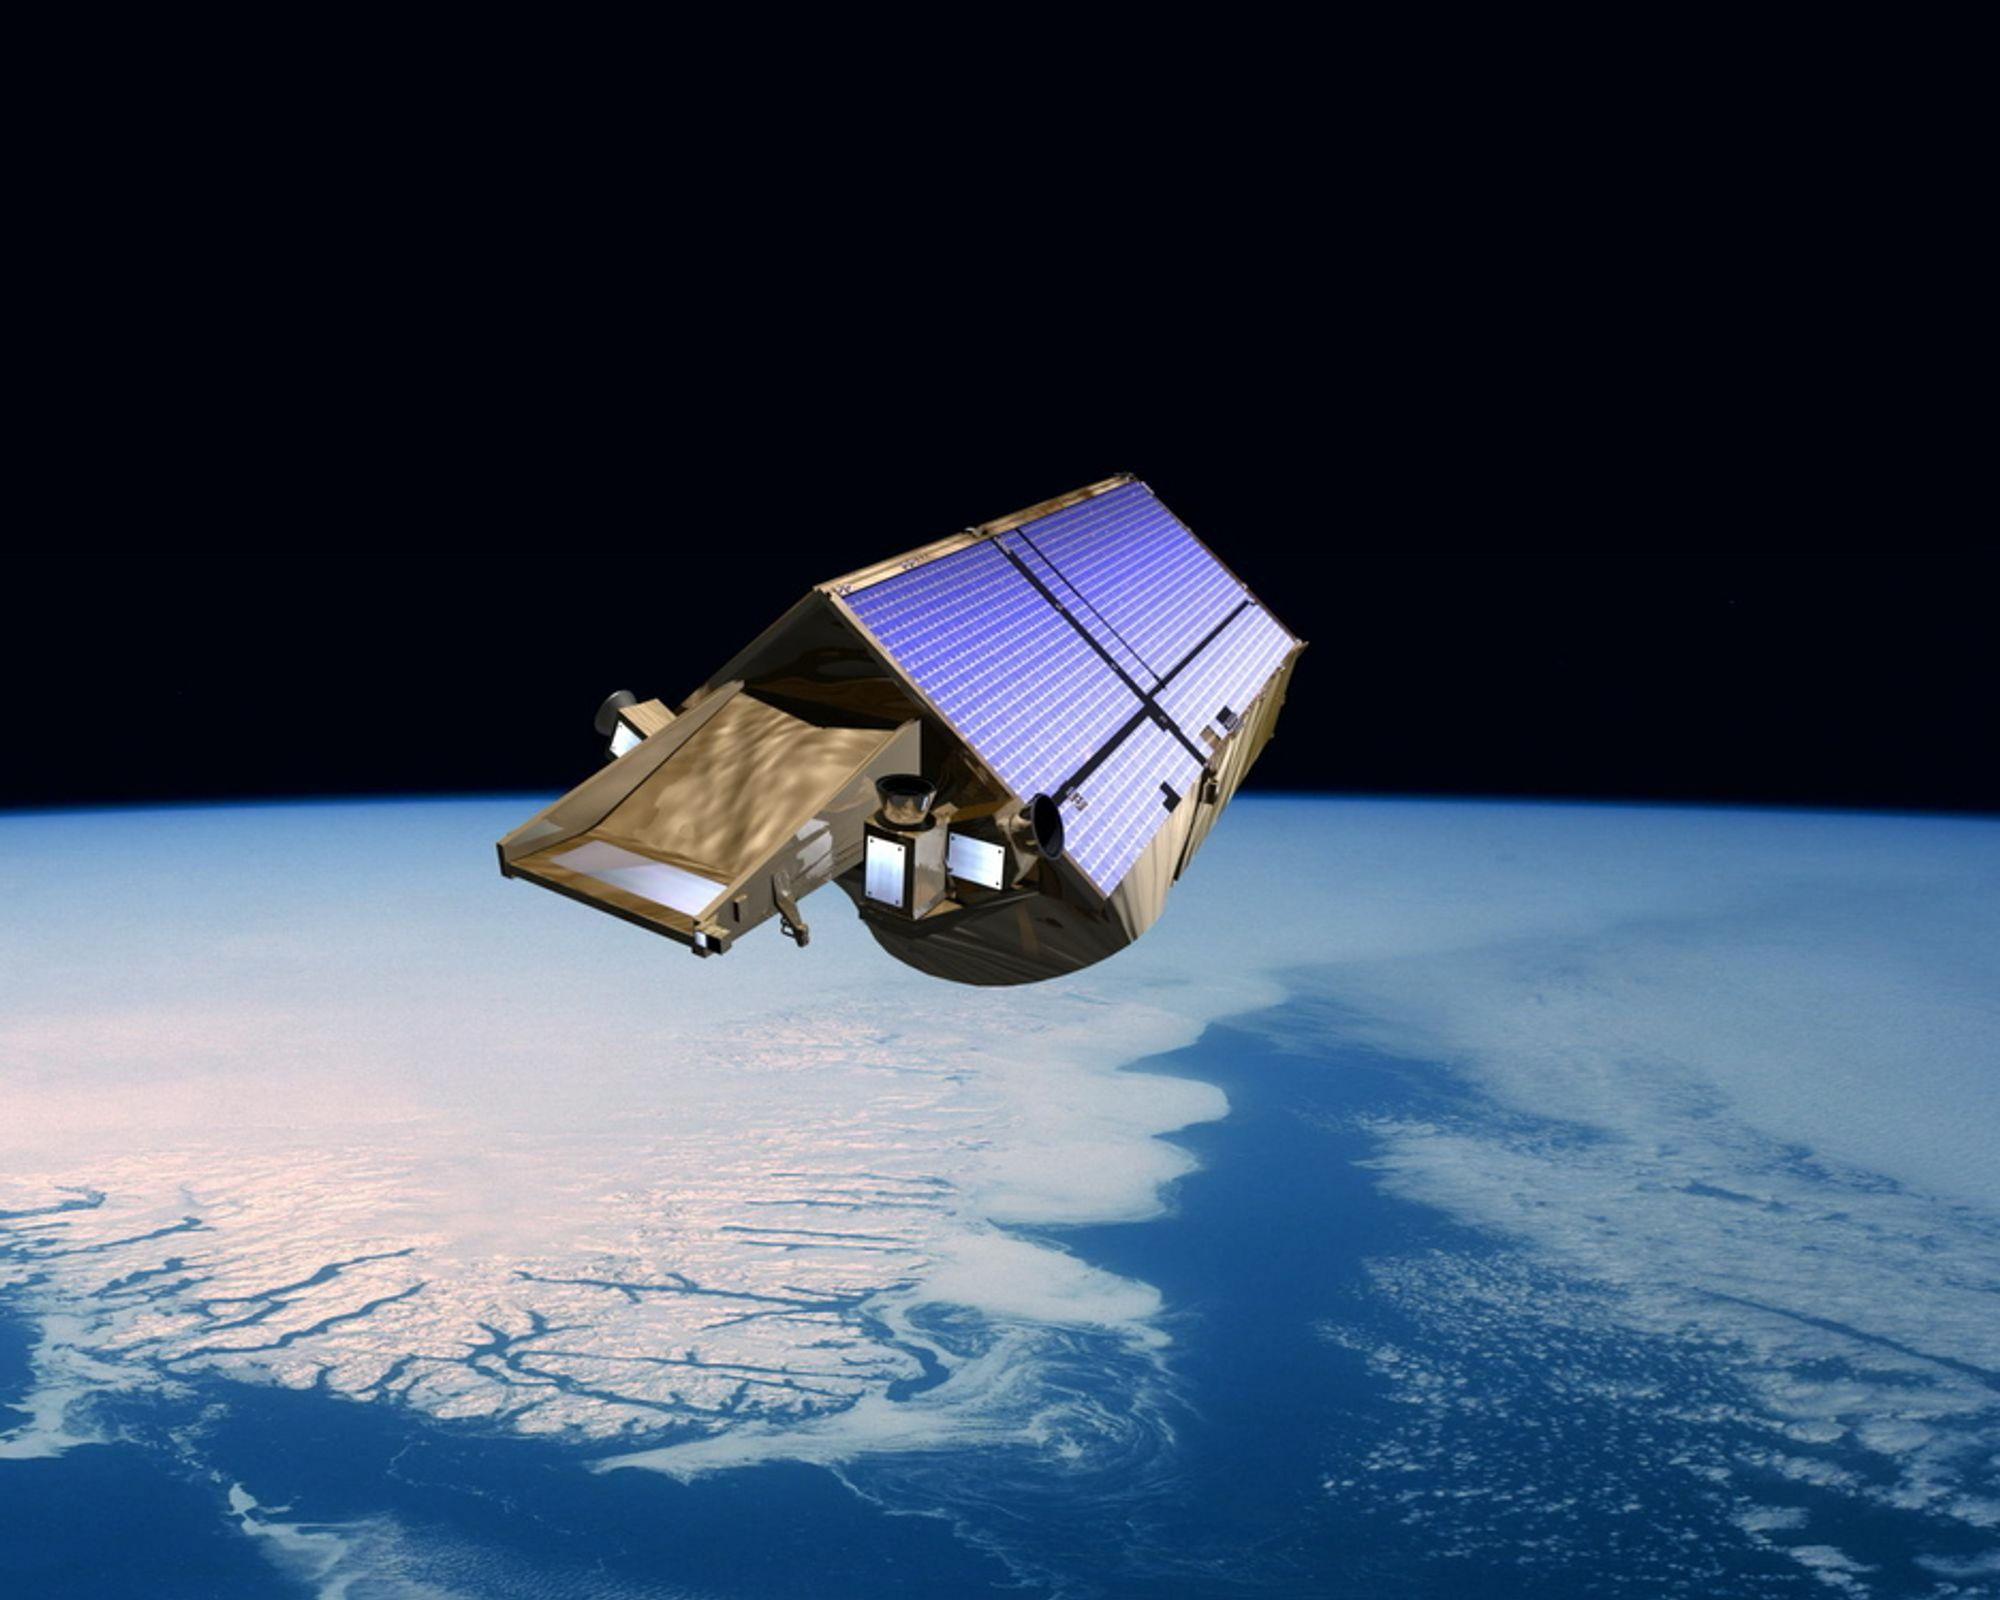 En gammel satellitt er på vei mot jorden, men ingen vet helt hvor den vil treffe.